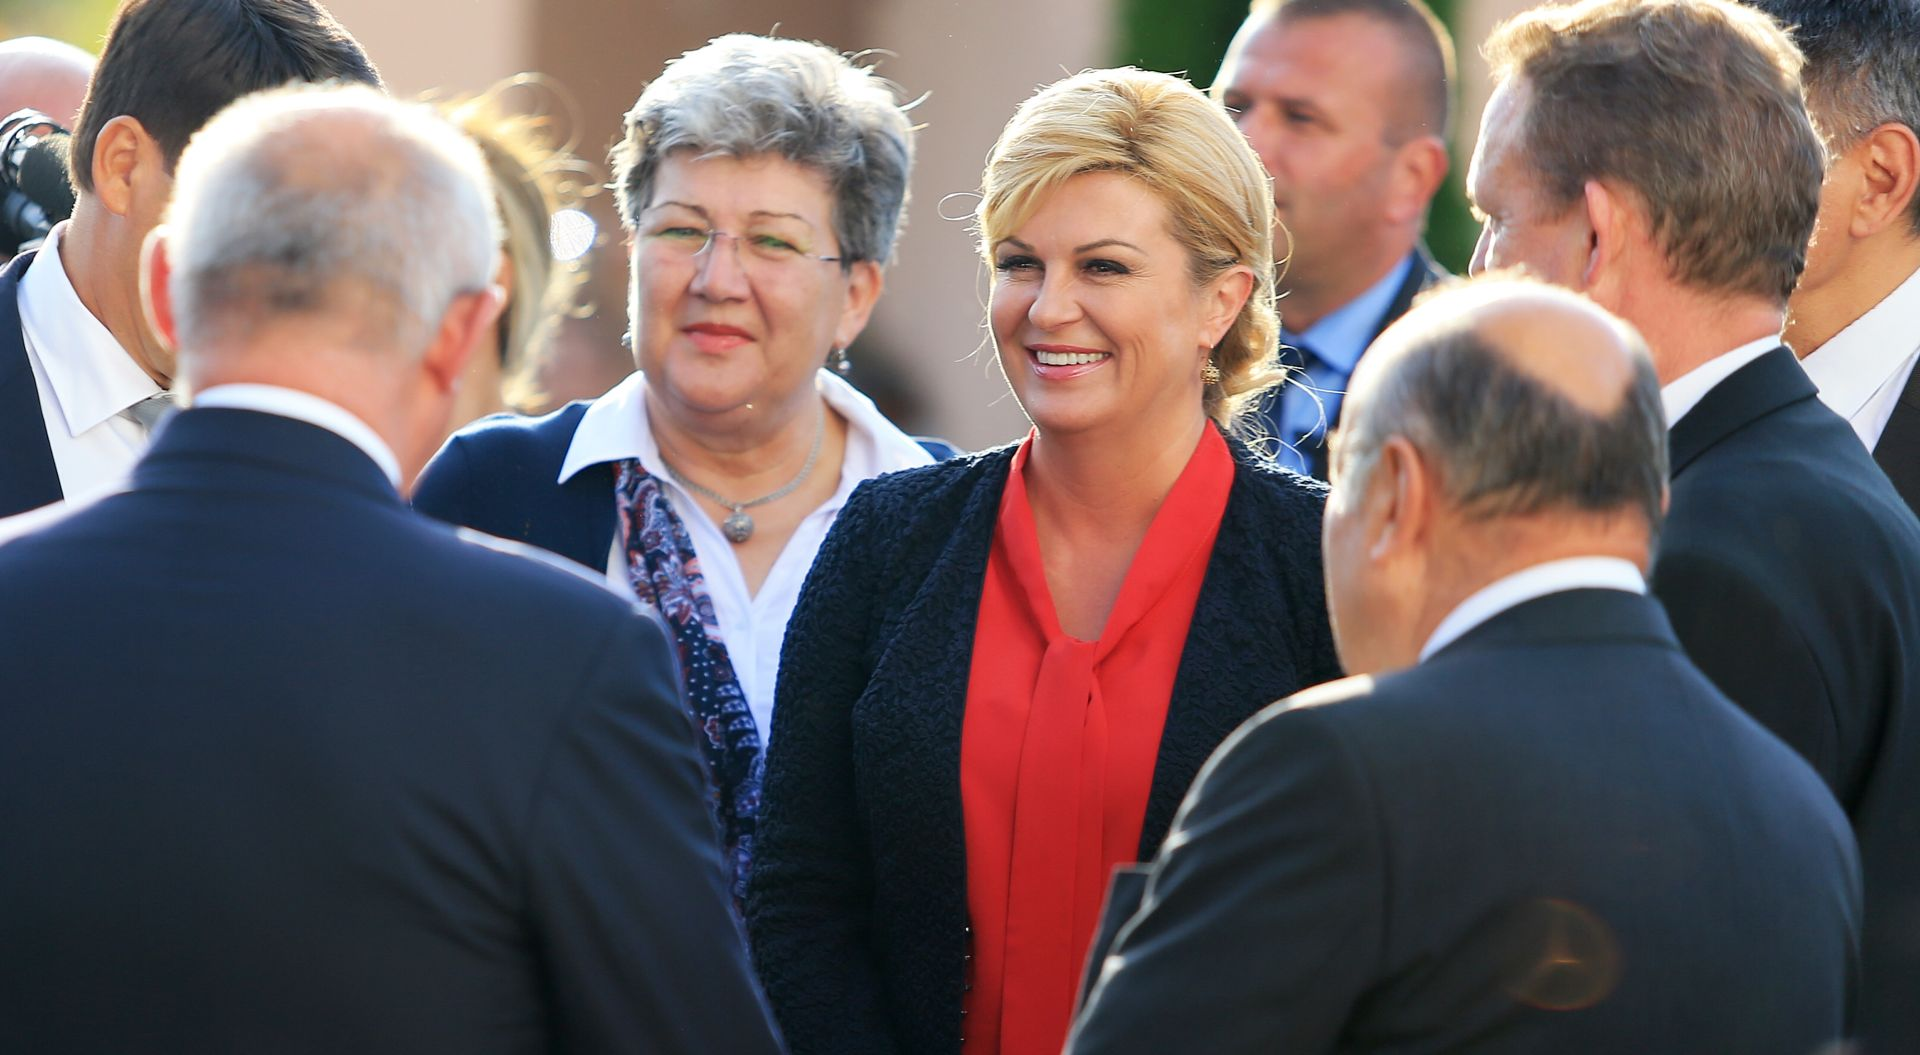 Grabar-Kitarović na Hvaru: Od nove Vlade očekujem da prioritet da oživljavanju otoka